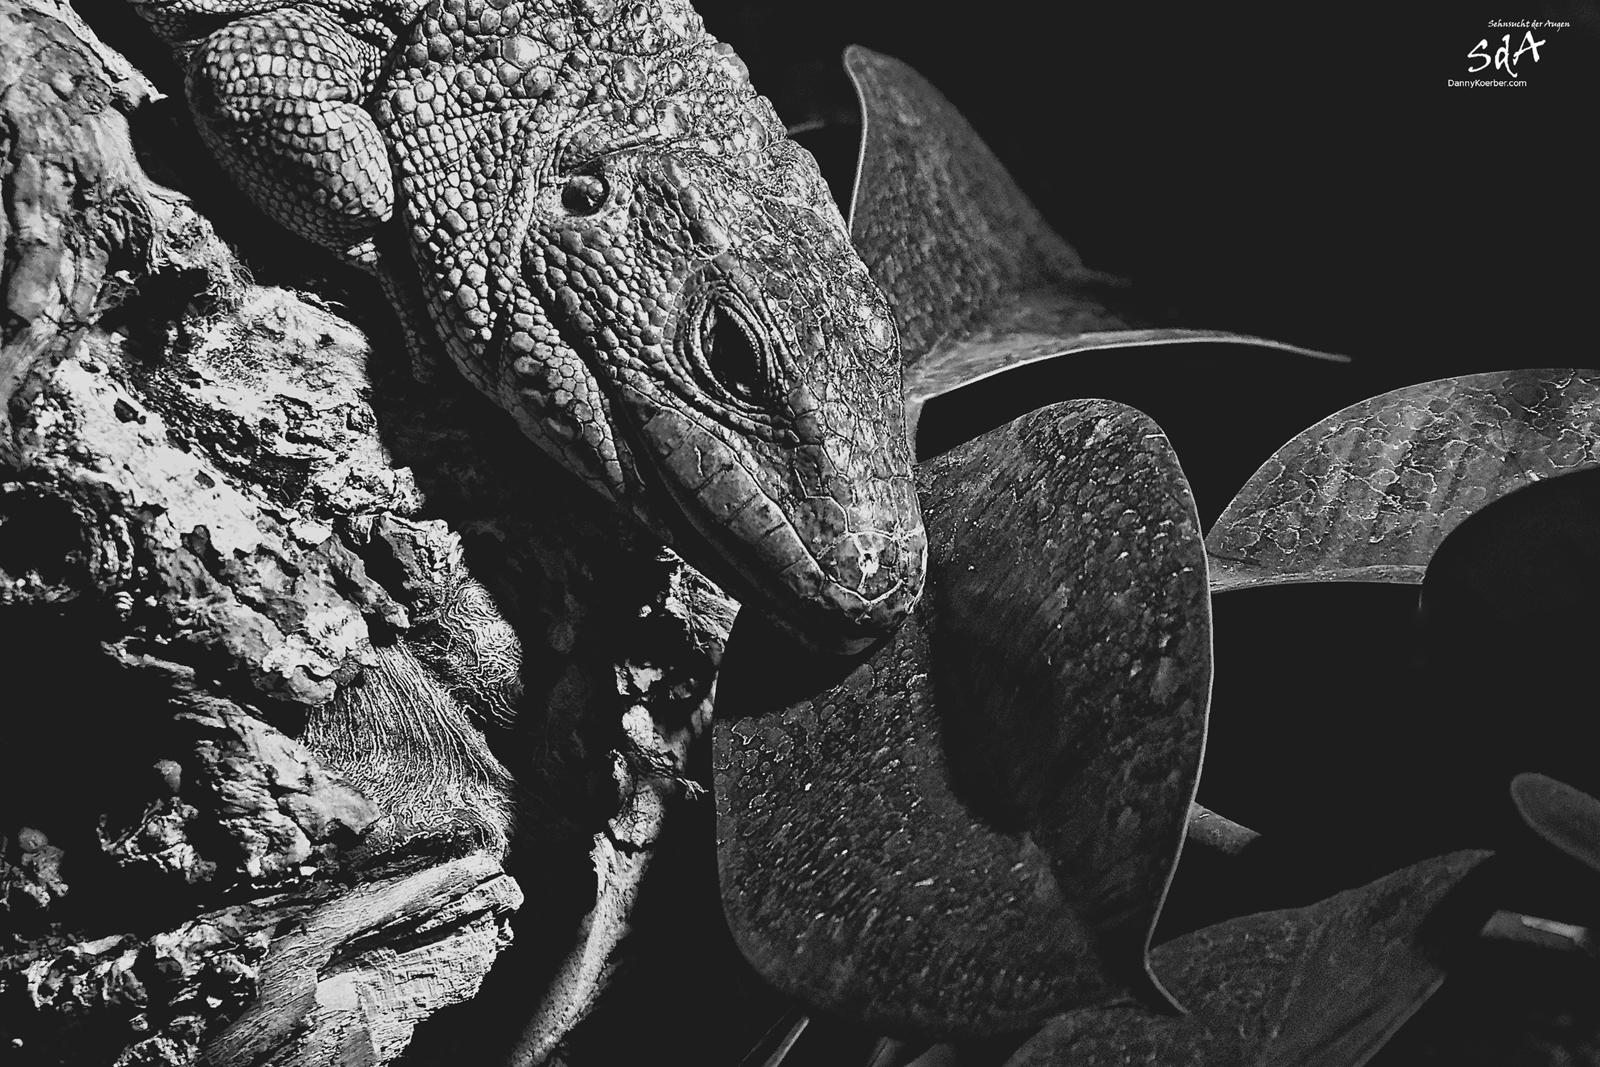 Tiere und Reptilien